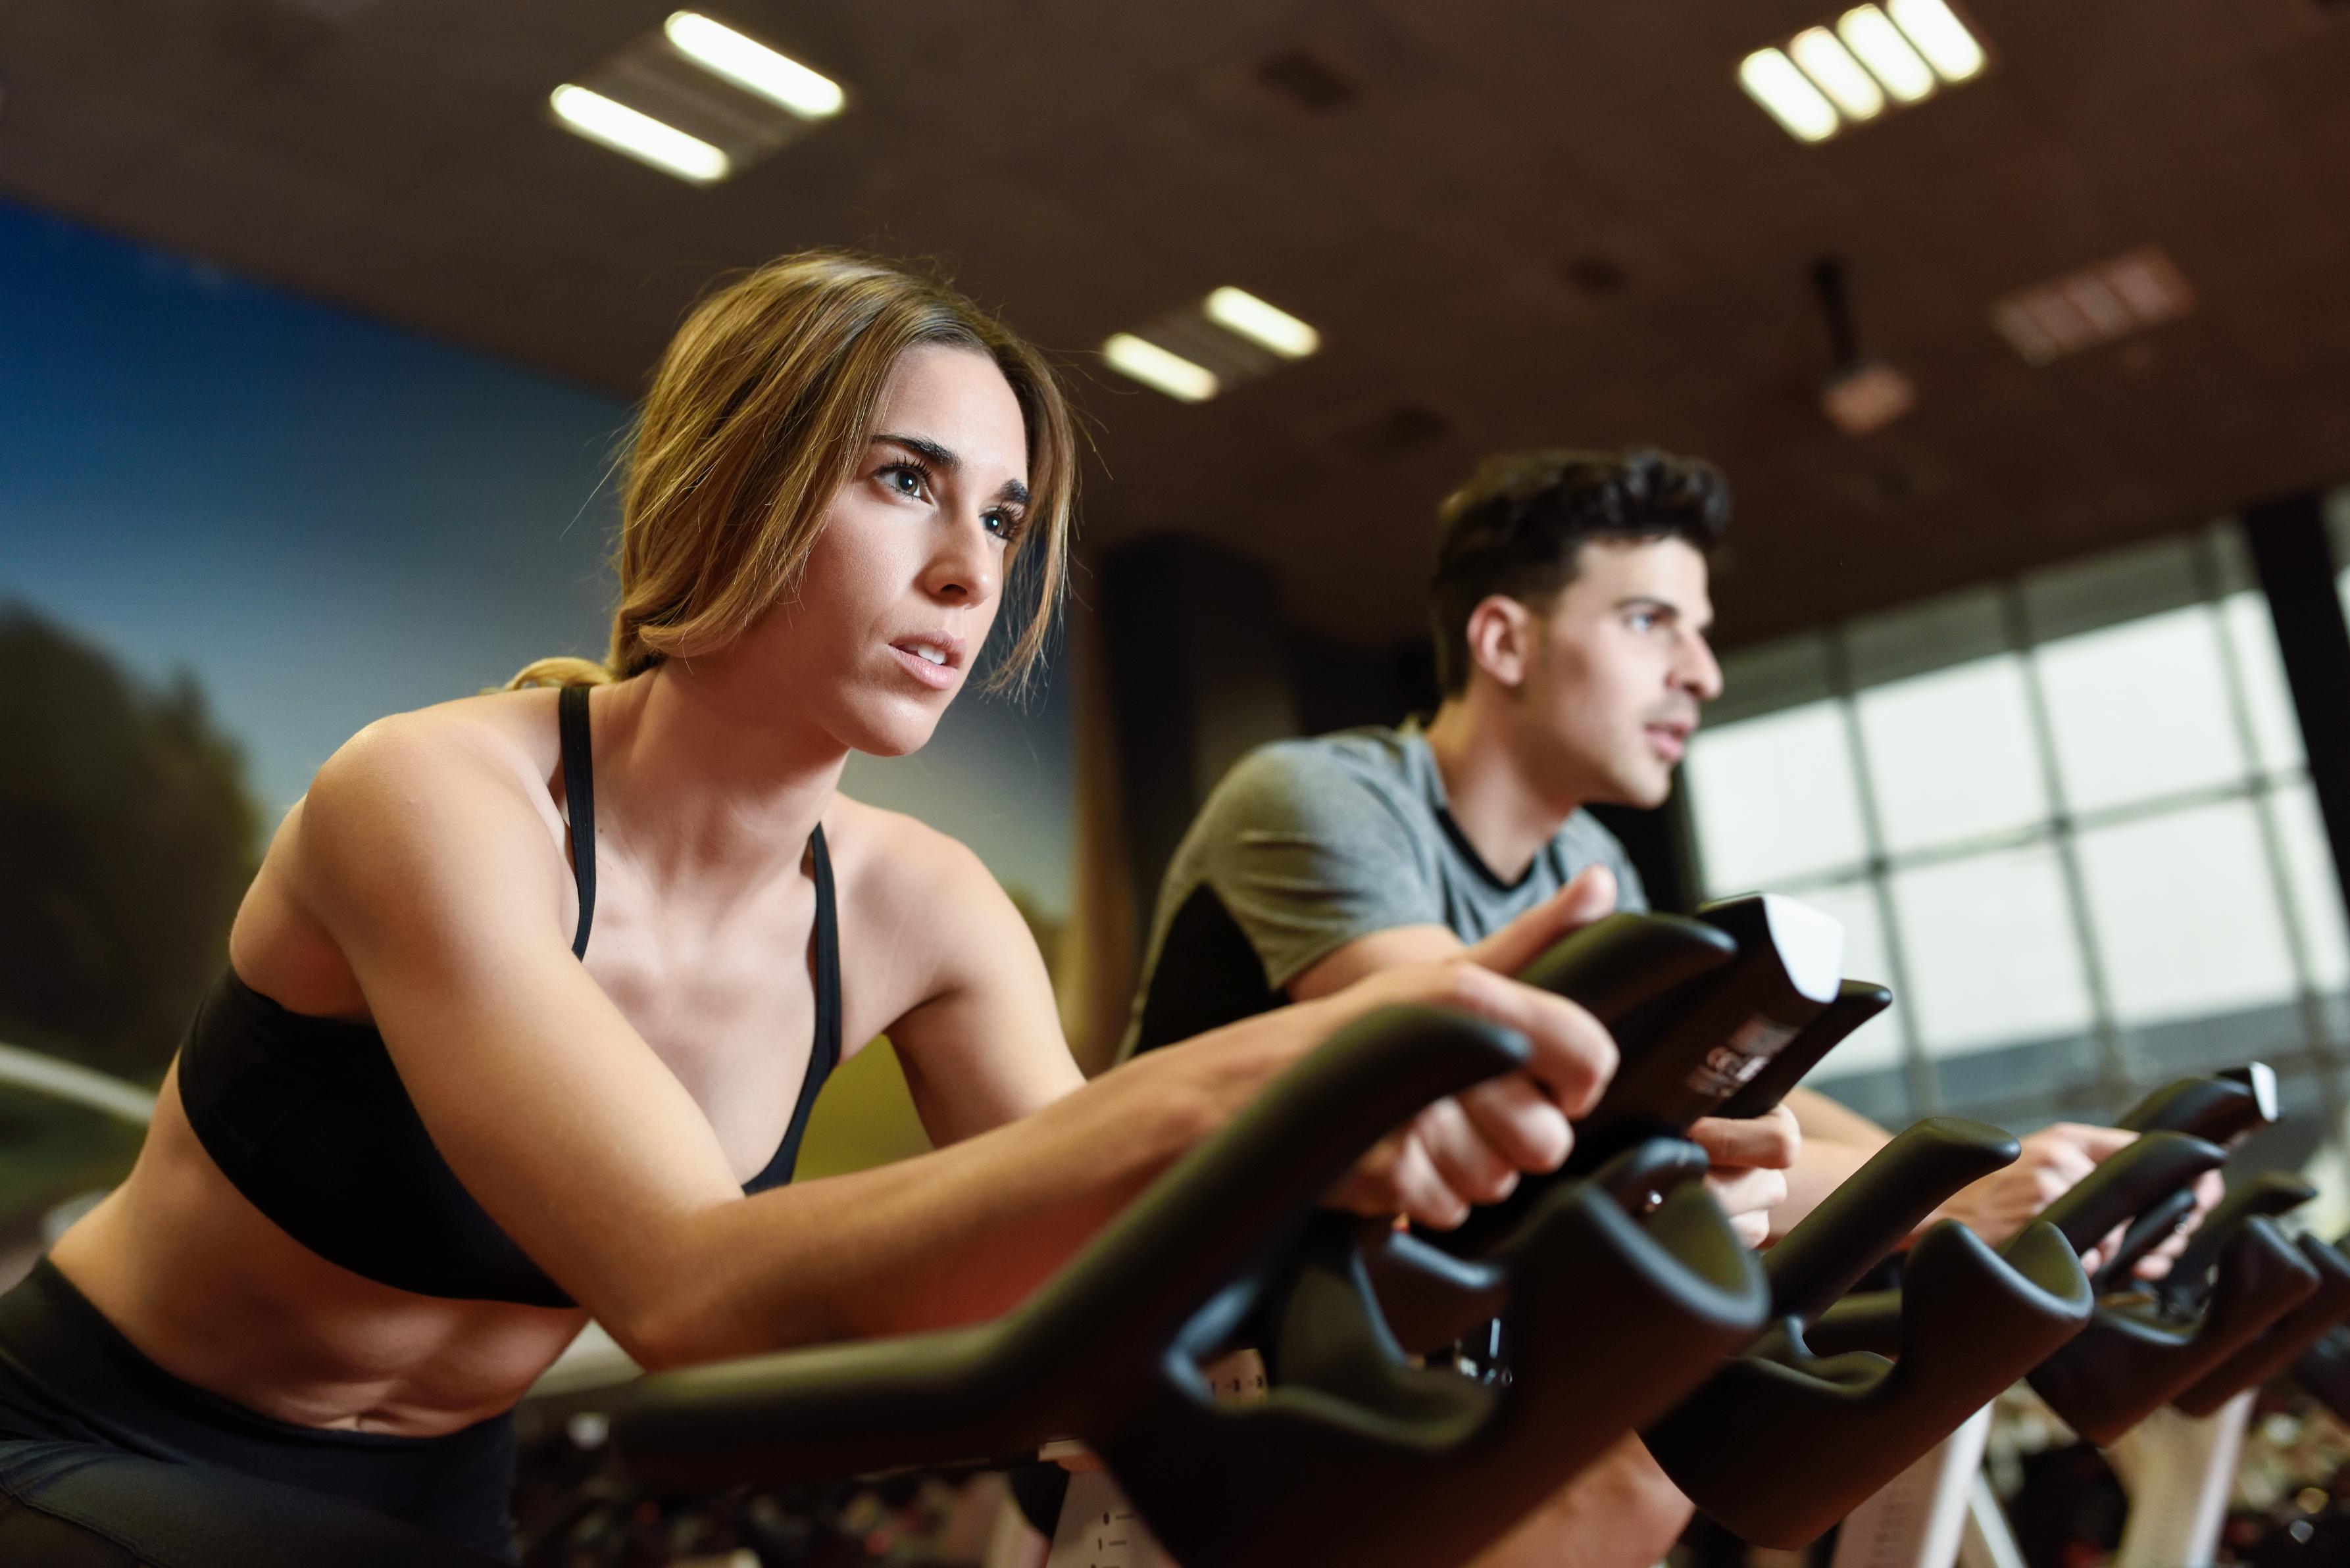 6 HIIT-Workouts für optimale Fettverbrennung